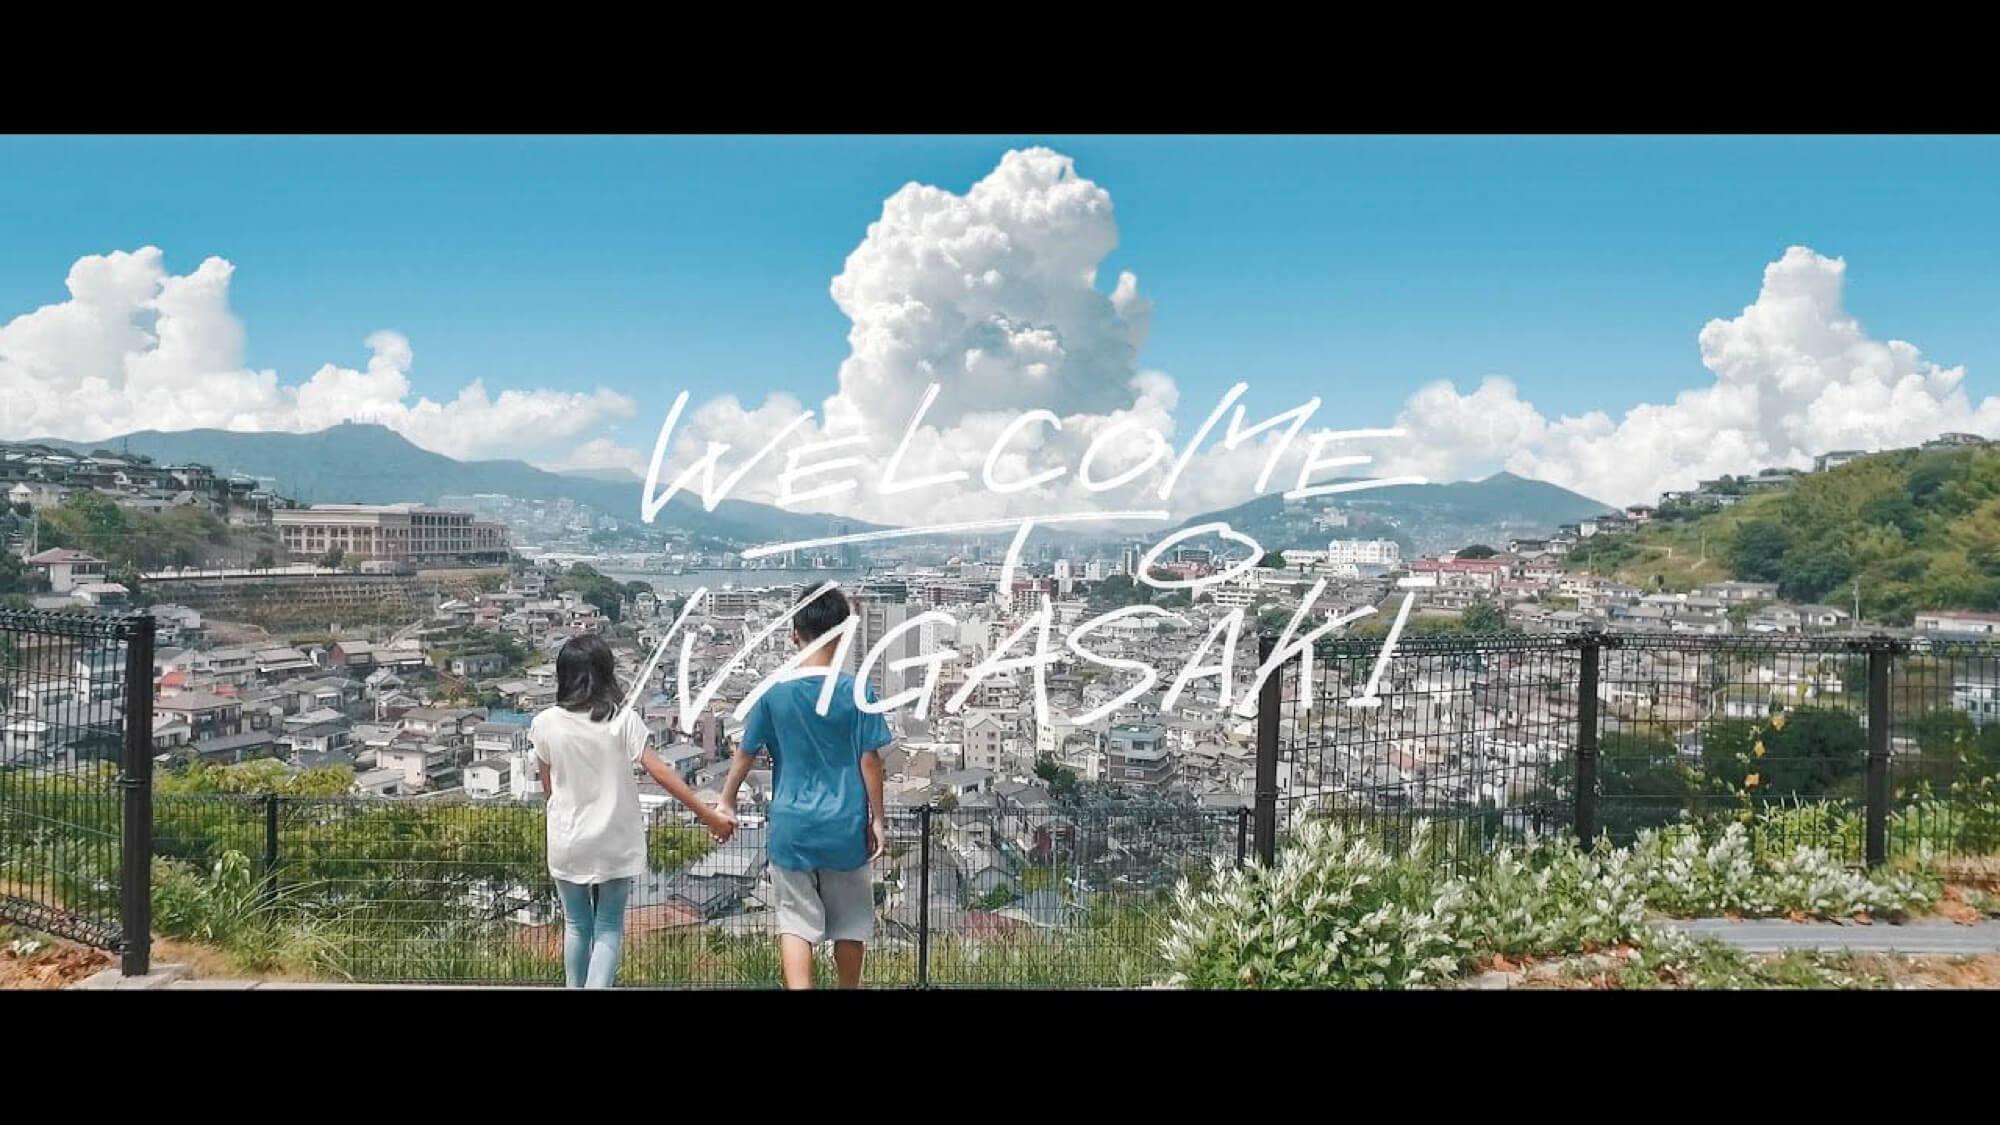 ぼくの地元・長崎の動画「WELCOME TO NAGASAKI」が感動!